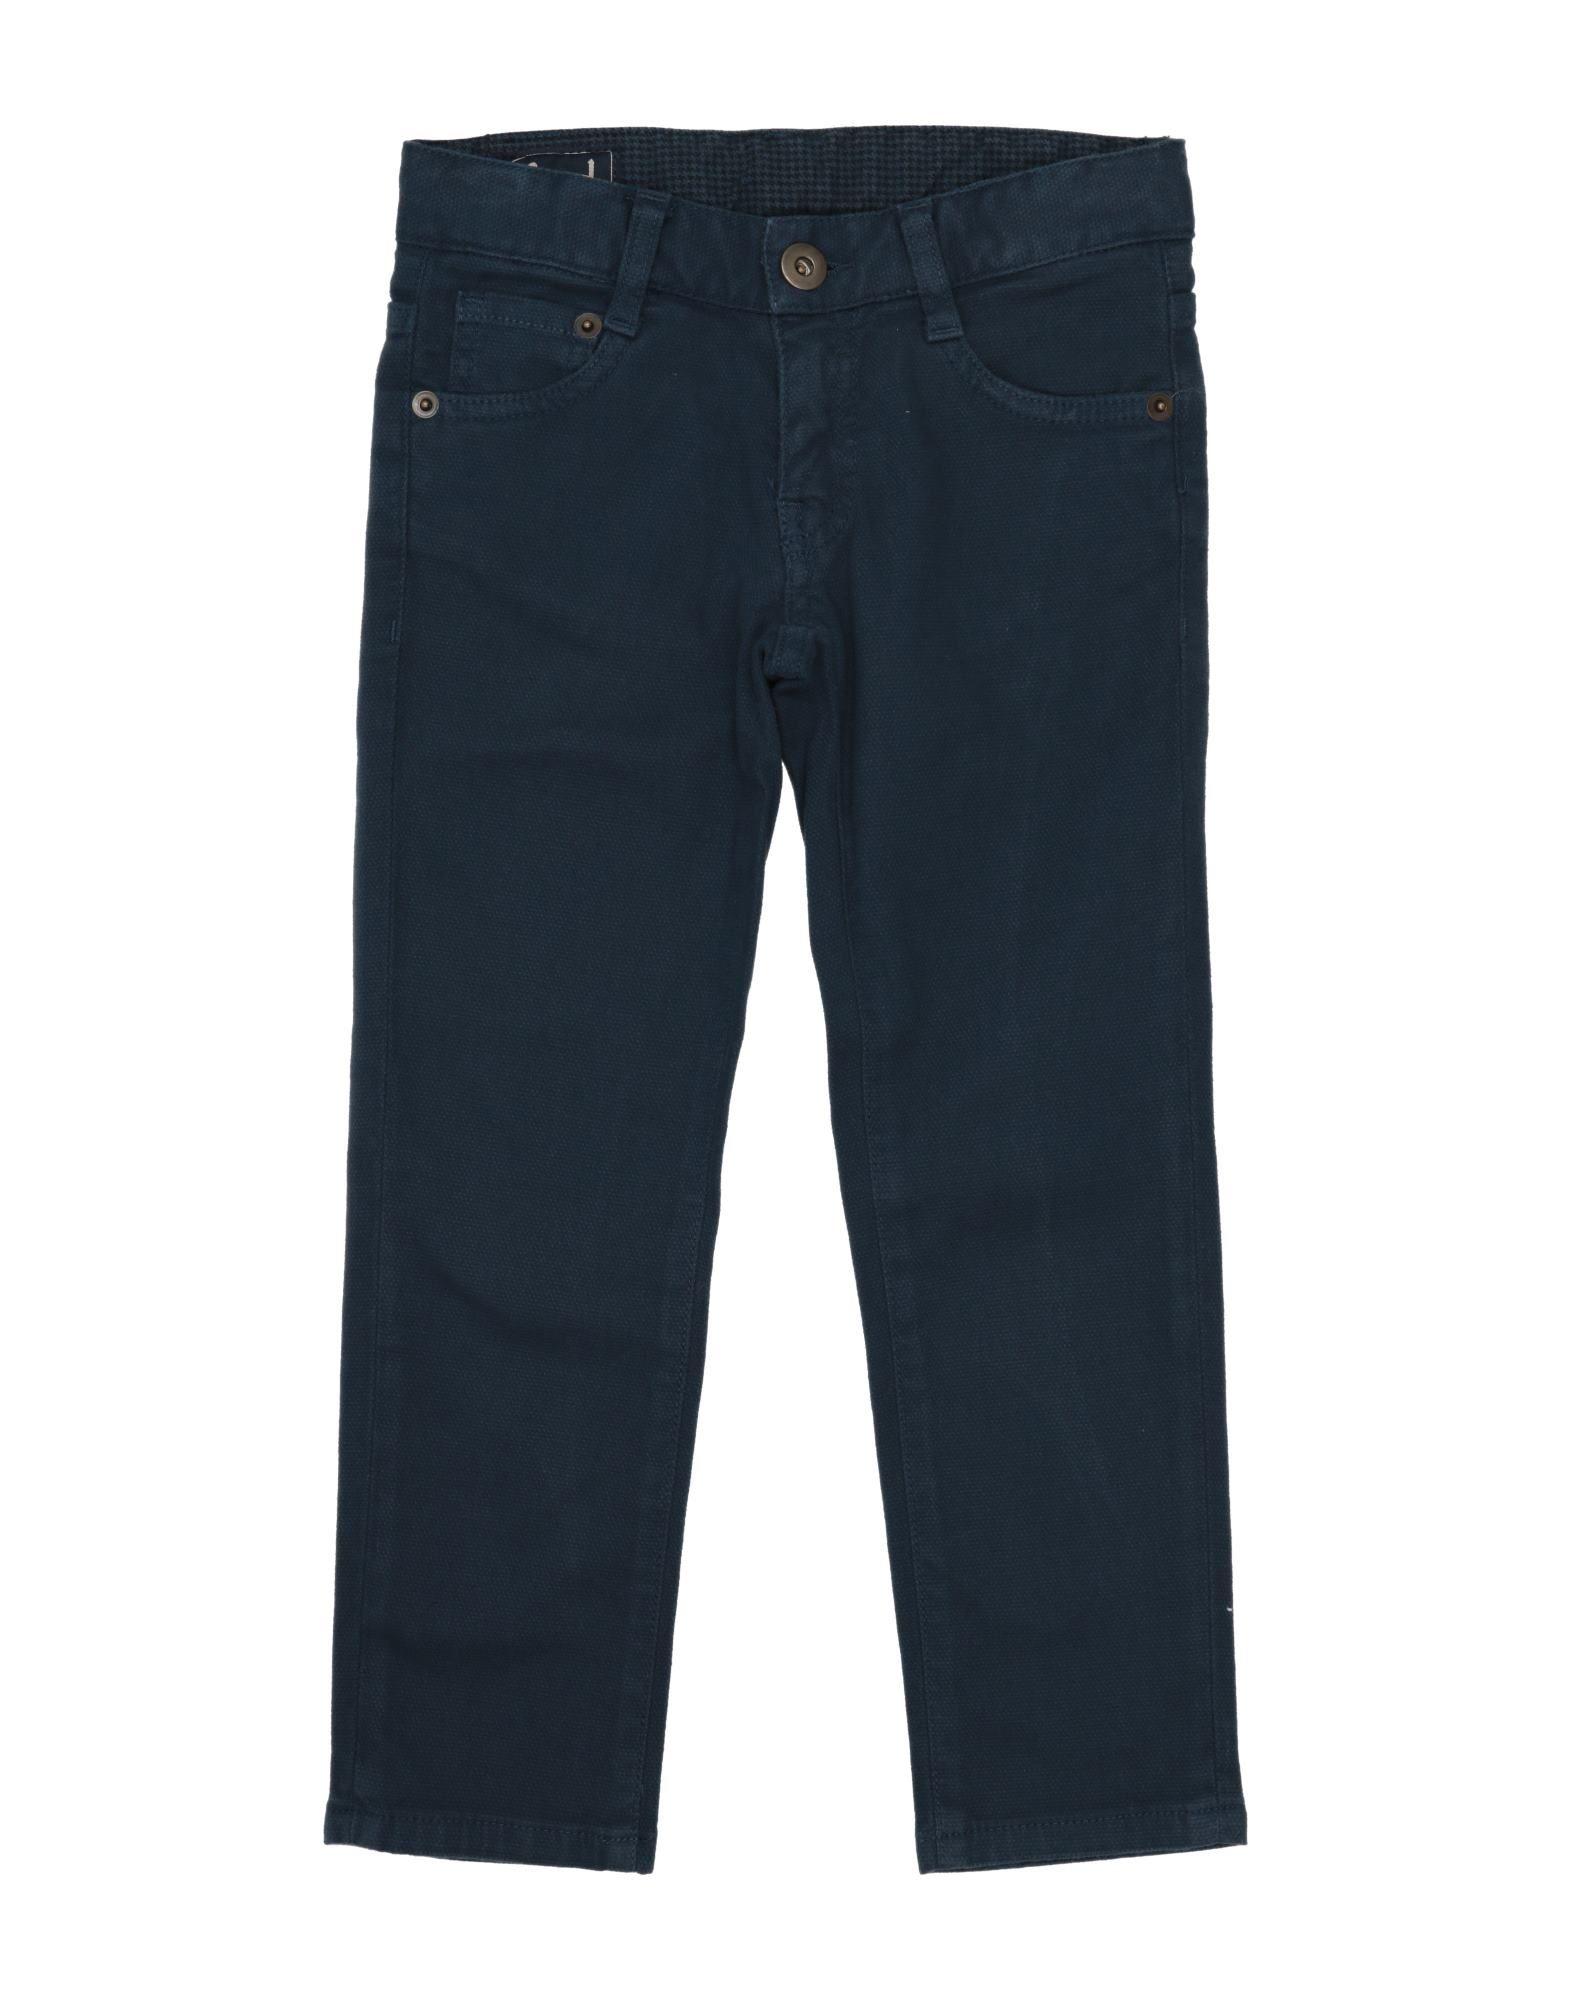 Héros Kids' Casual Pants In Dark Blue